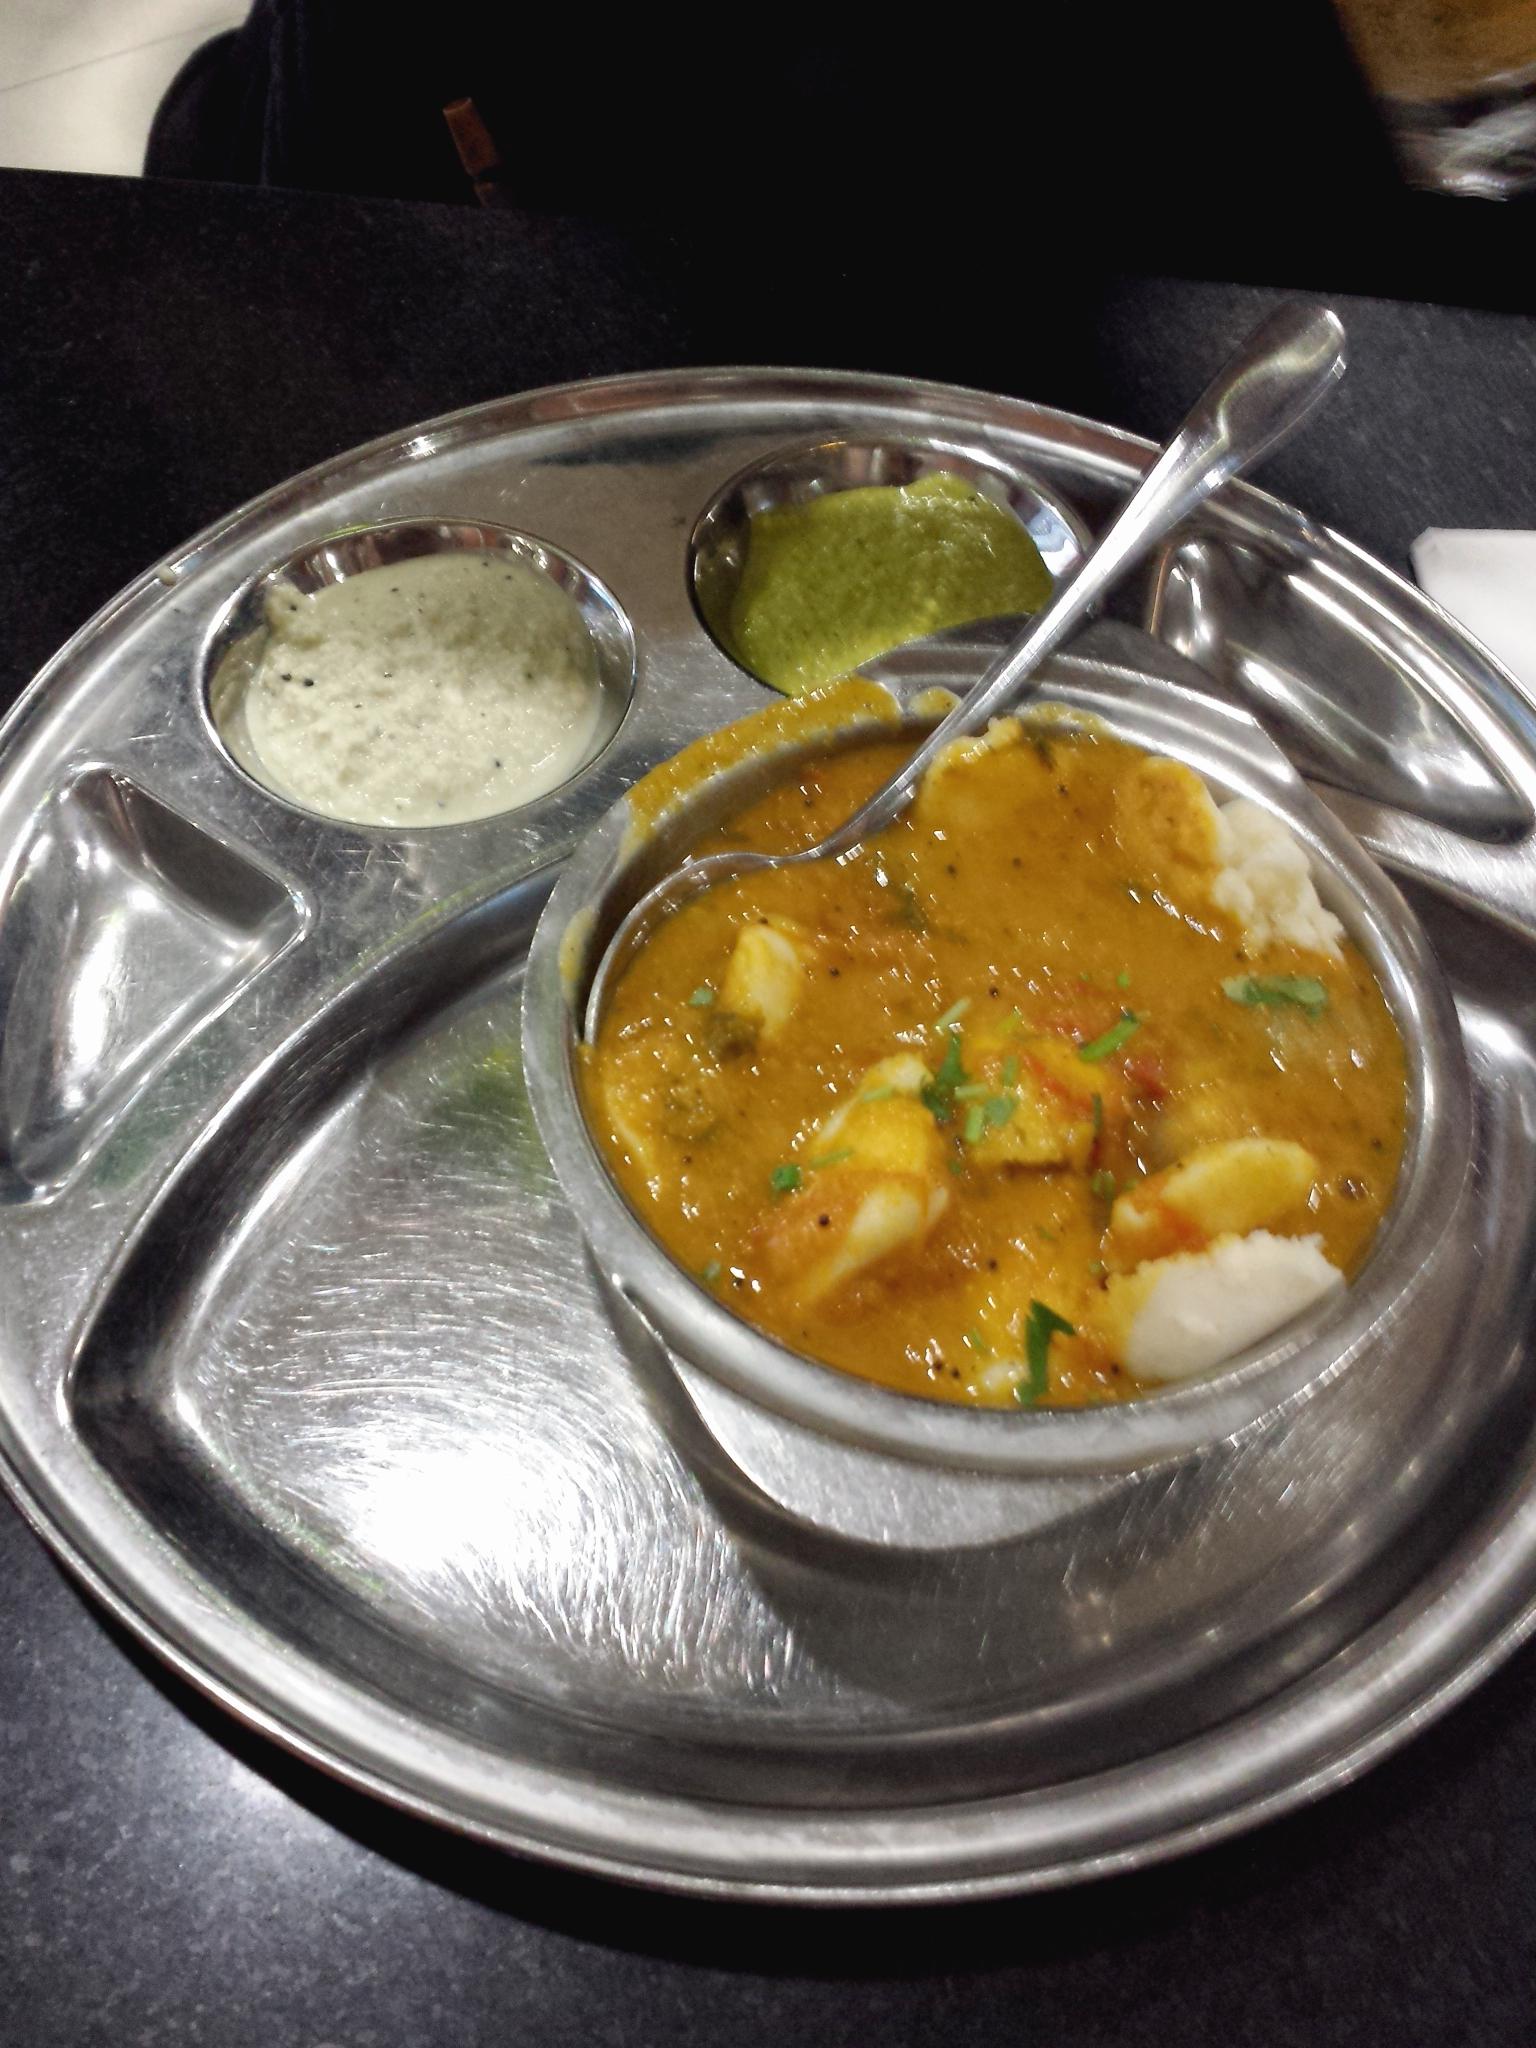 Hema_Saravanaa_Bhavan_mini_idli_sambar_Paris_restaurant_indien_cuisine_monde